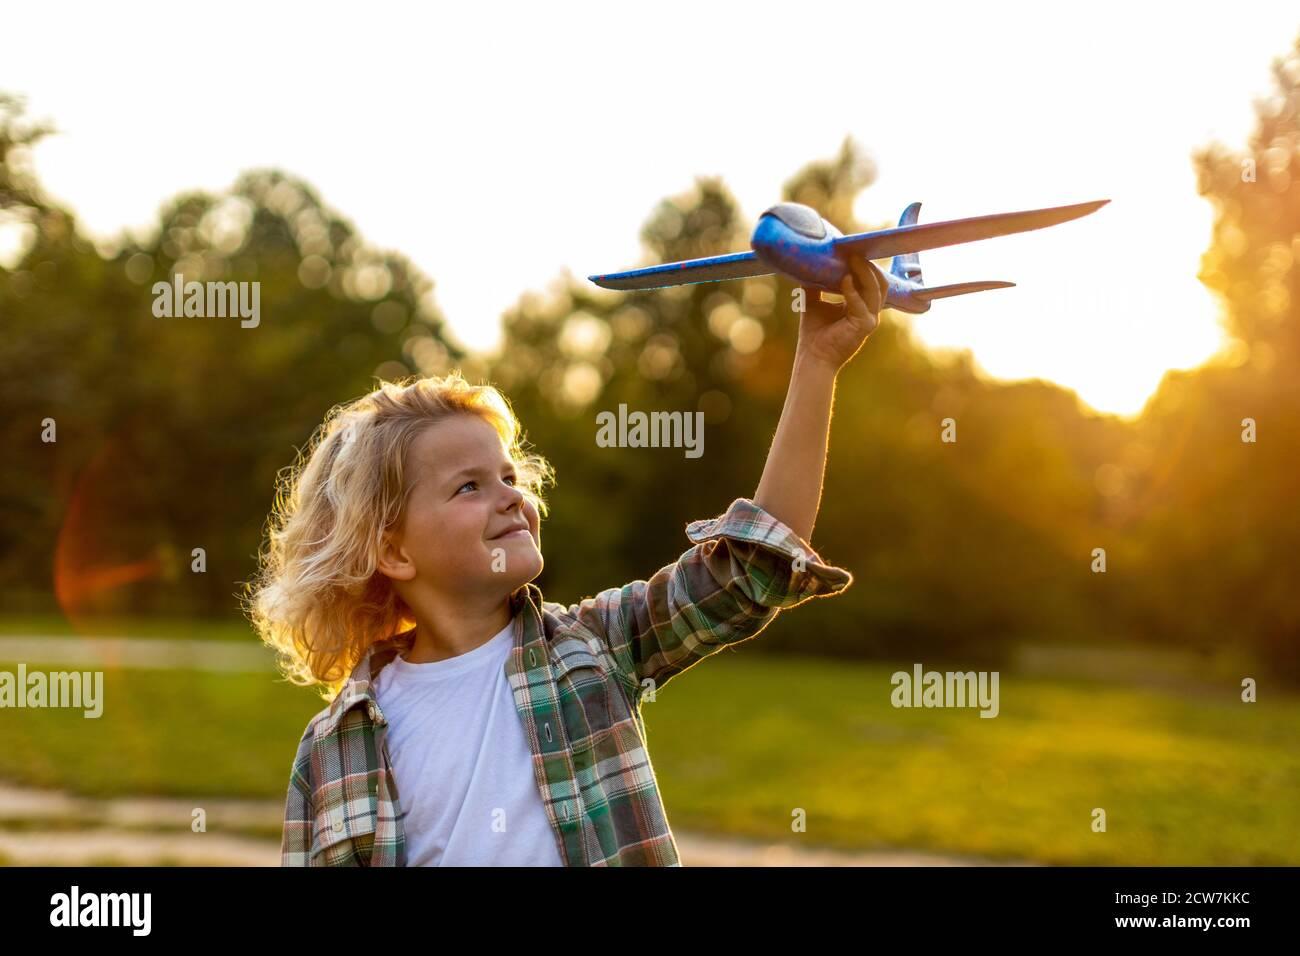 Petit garçon jouant avec l'avion jouet dans le parc Banque D'Images